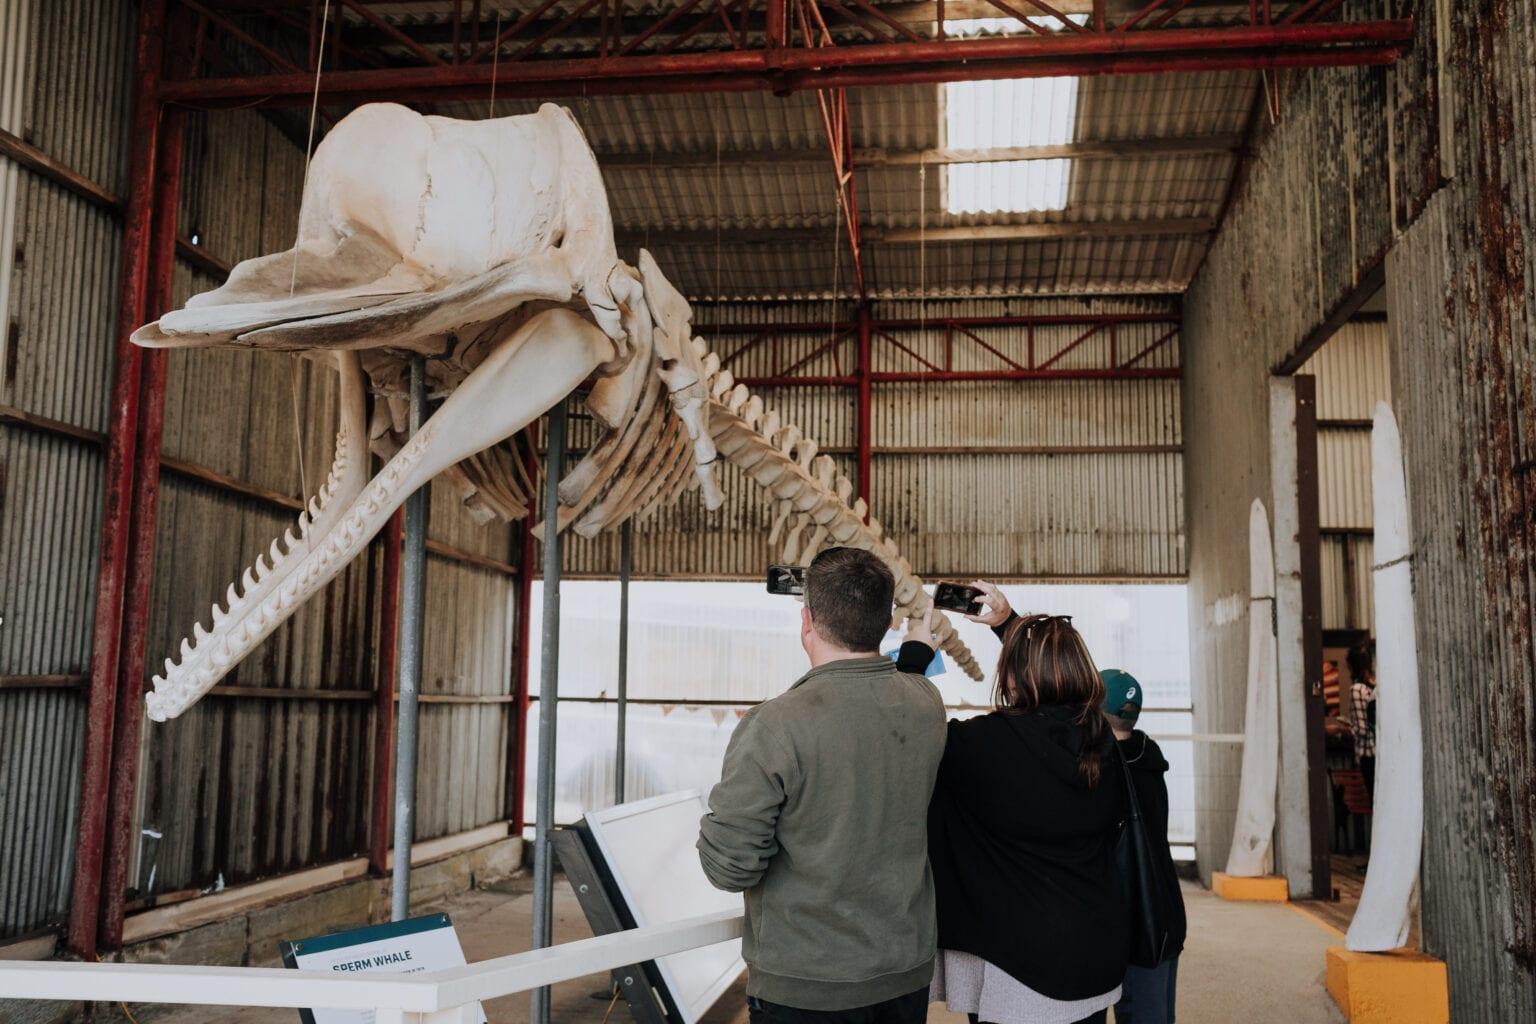 Skeleton Shed